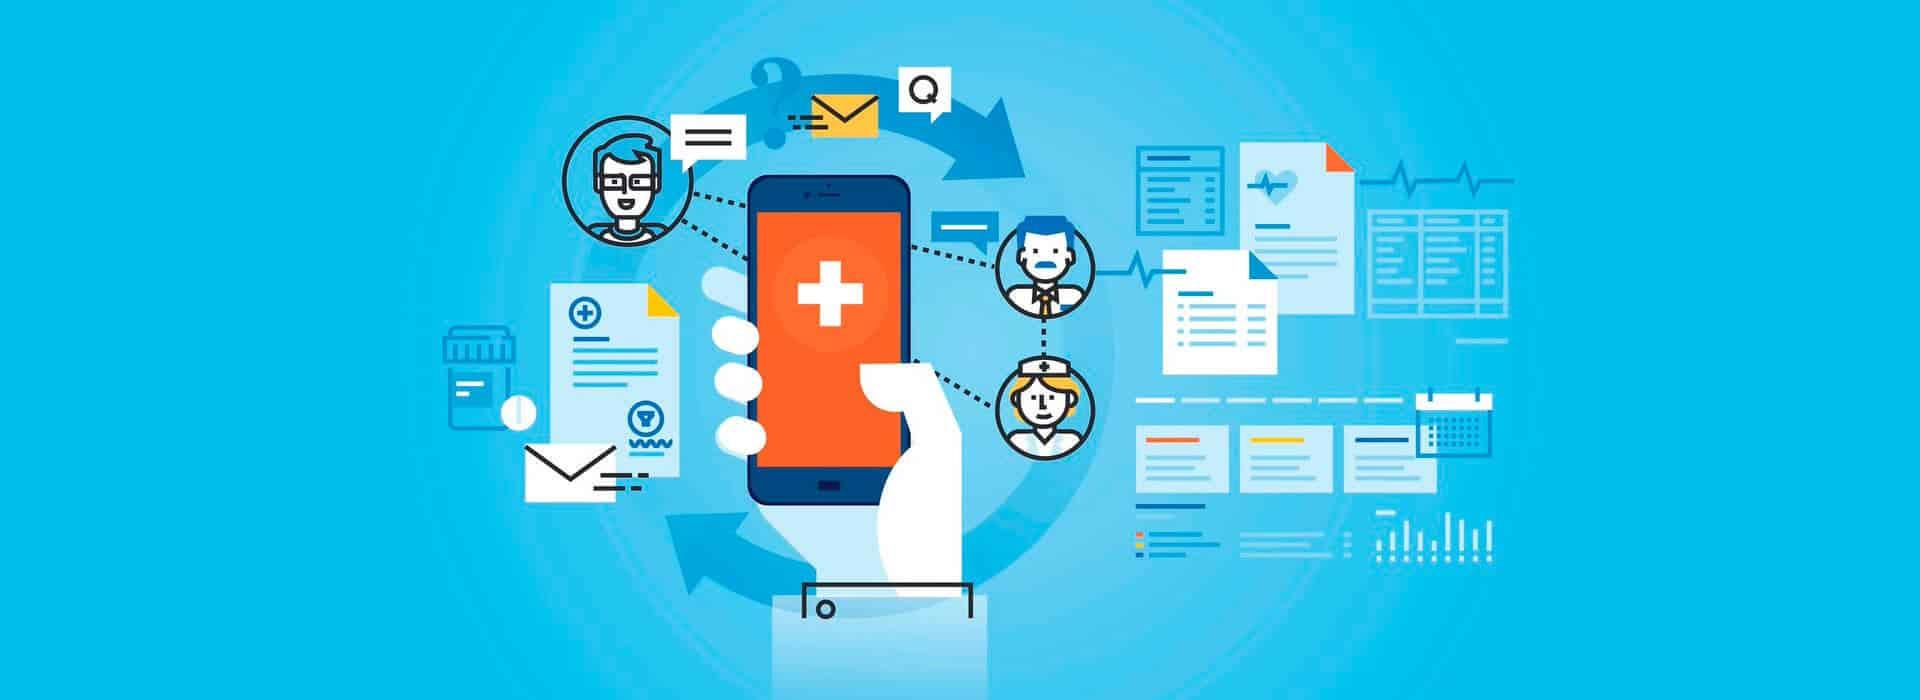 5 stratégies marketing pour attirer des patients dans votre cabinet dentaire